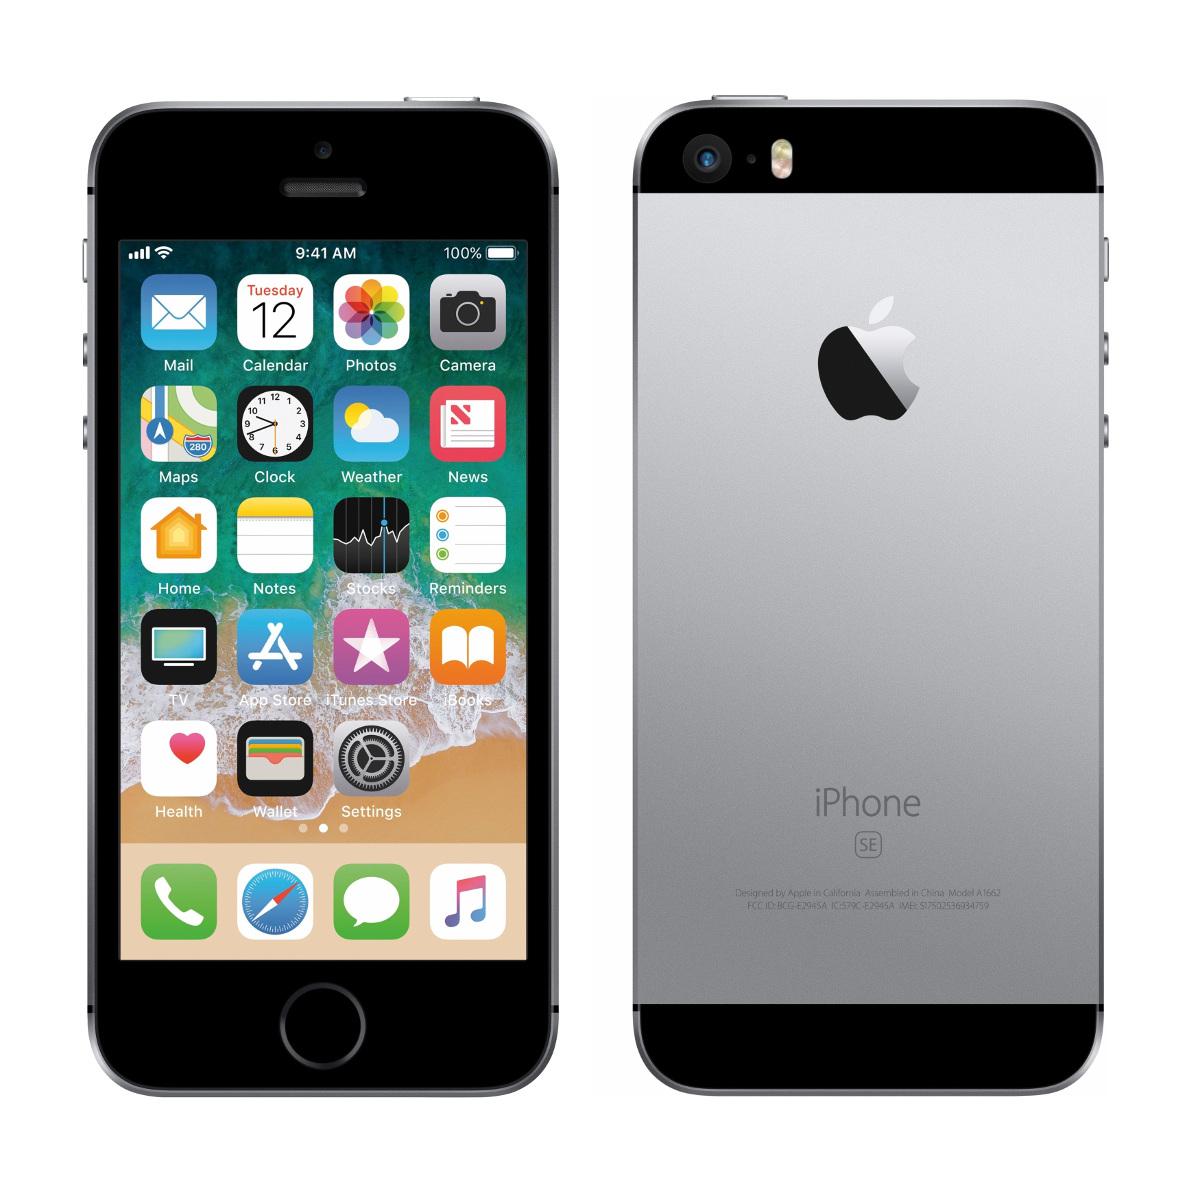 中古スマートフォンApple iPhone SE 16GB SoftBank(ソフトバンク) スペースグレイ MLLN2J/A 【中古】 Apple iPhone SE 16GB 中古スマートフォンApple A9 iOS13 Apple iPhone S